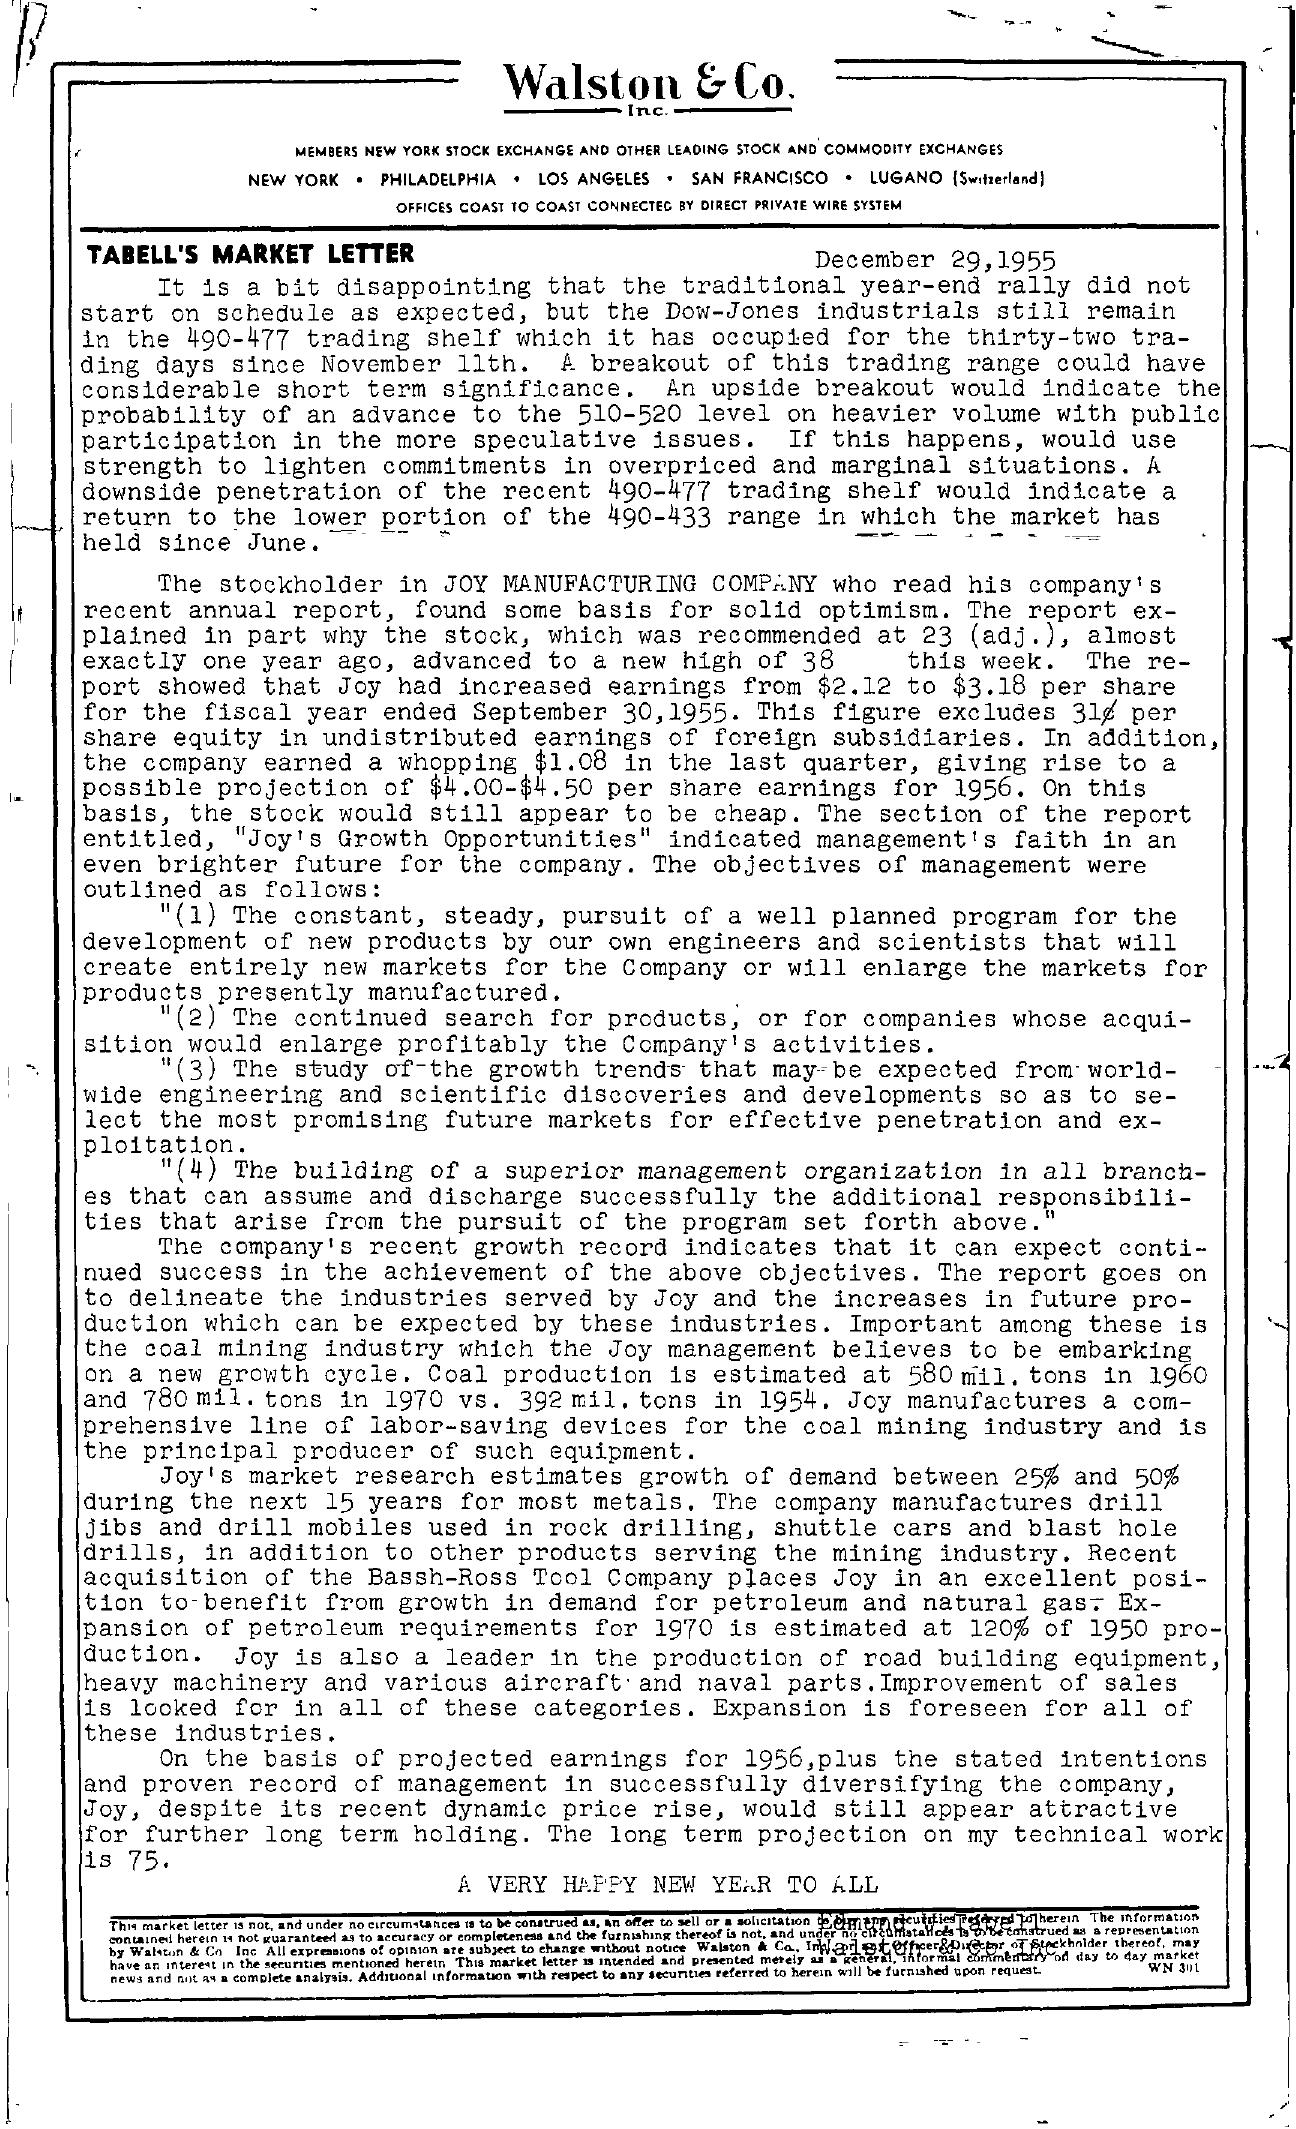 Tabell's Market Letter - December 29, 1955